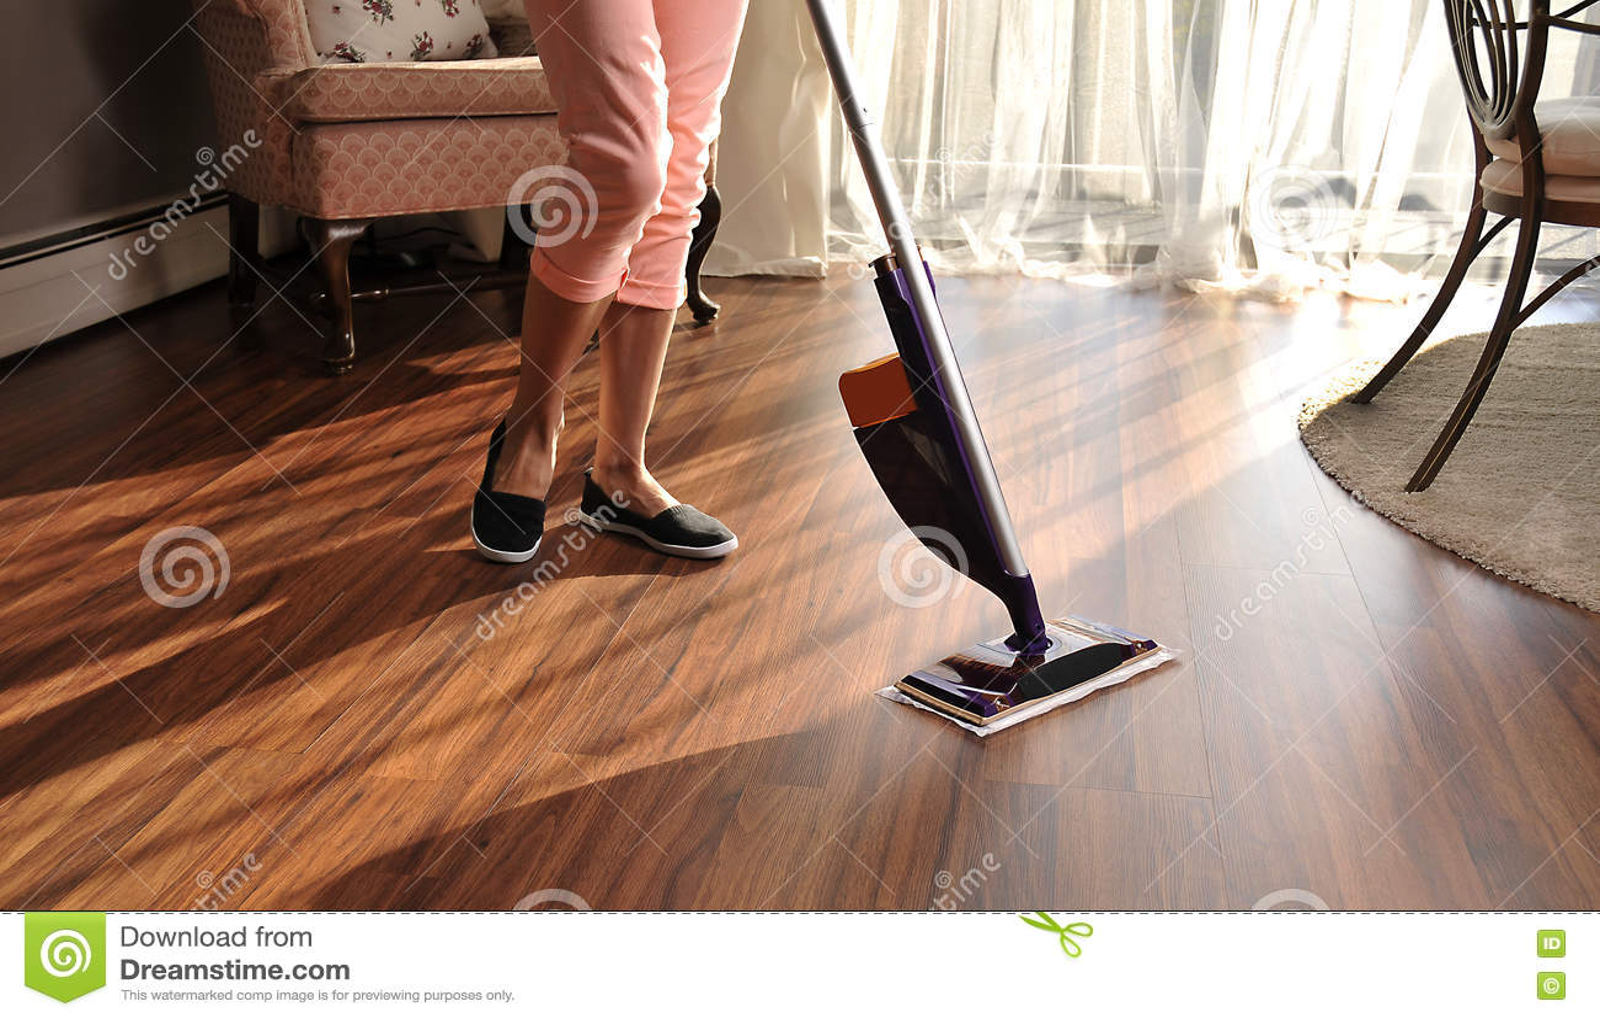 Como limpiar suelos de madera imagen titulada clean laminate floors step with como limpiar - Como limpiar el suelo de madera ...